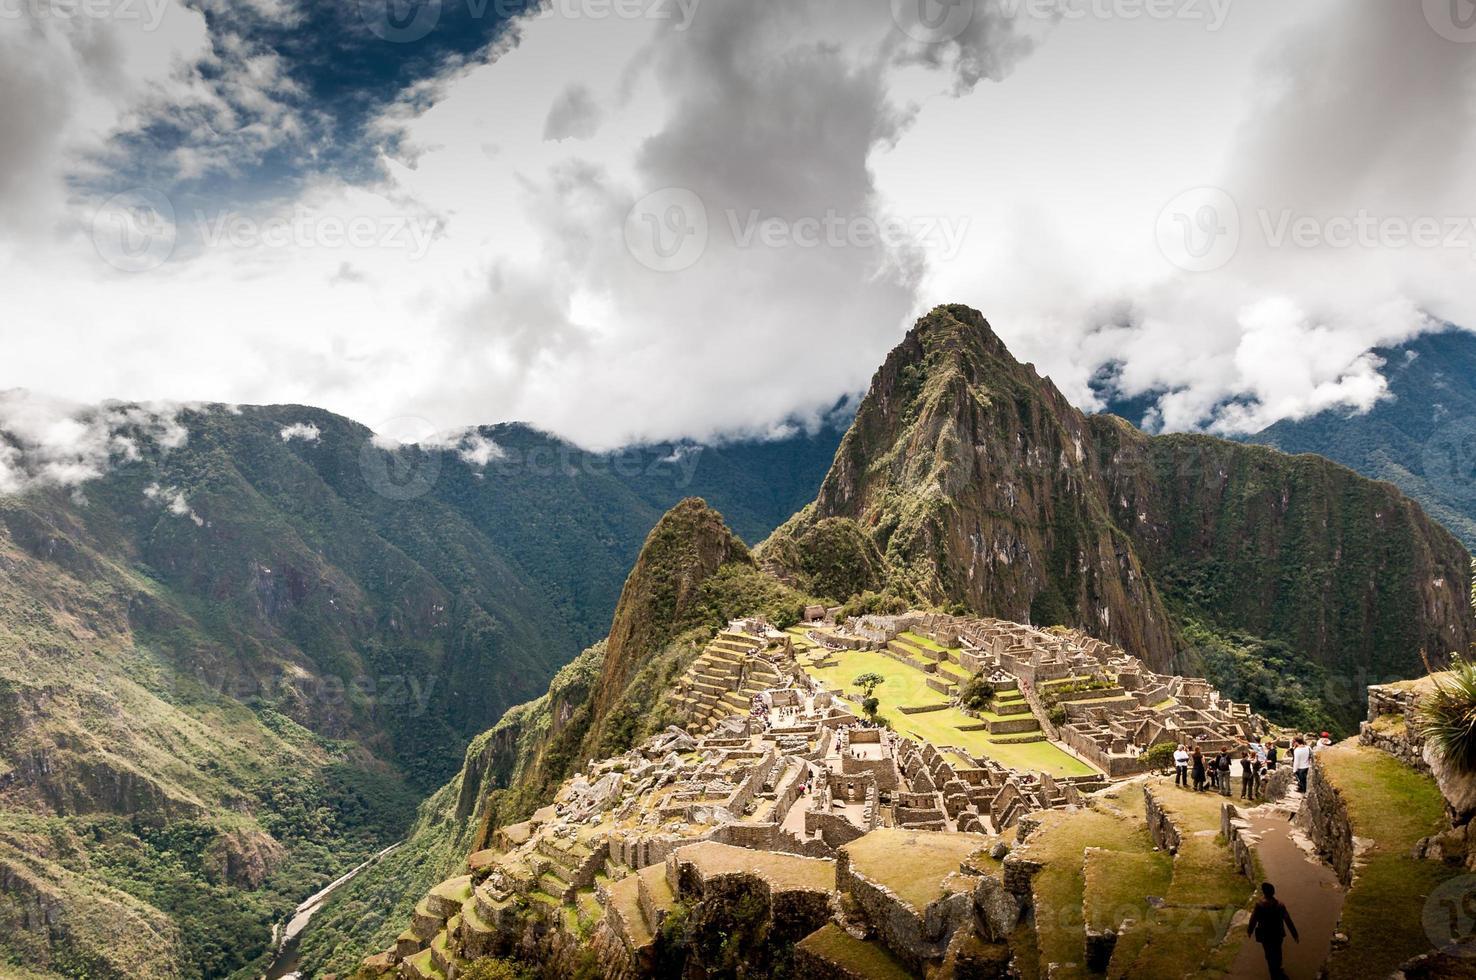 machu picchu (perù, sud america), patrimonio mondiale dell'unesco foto